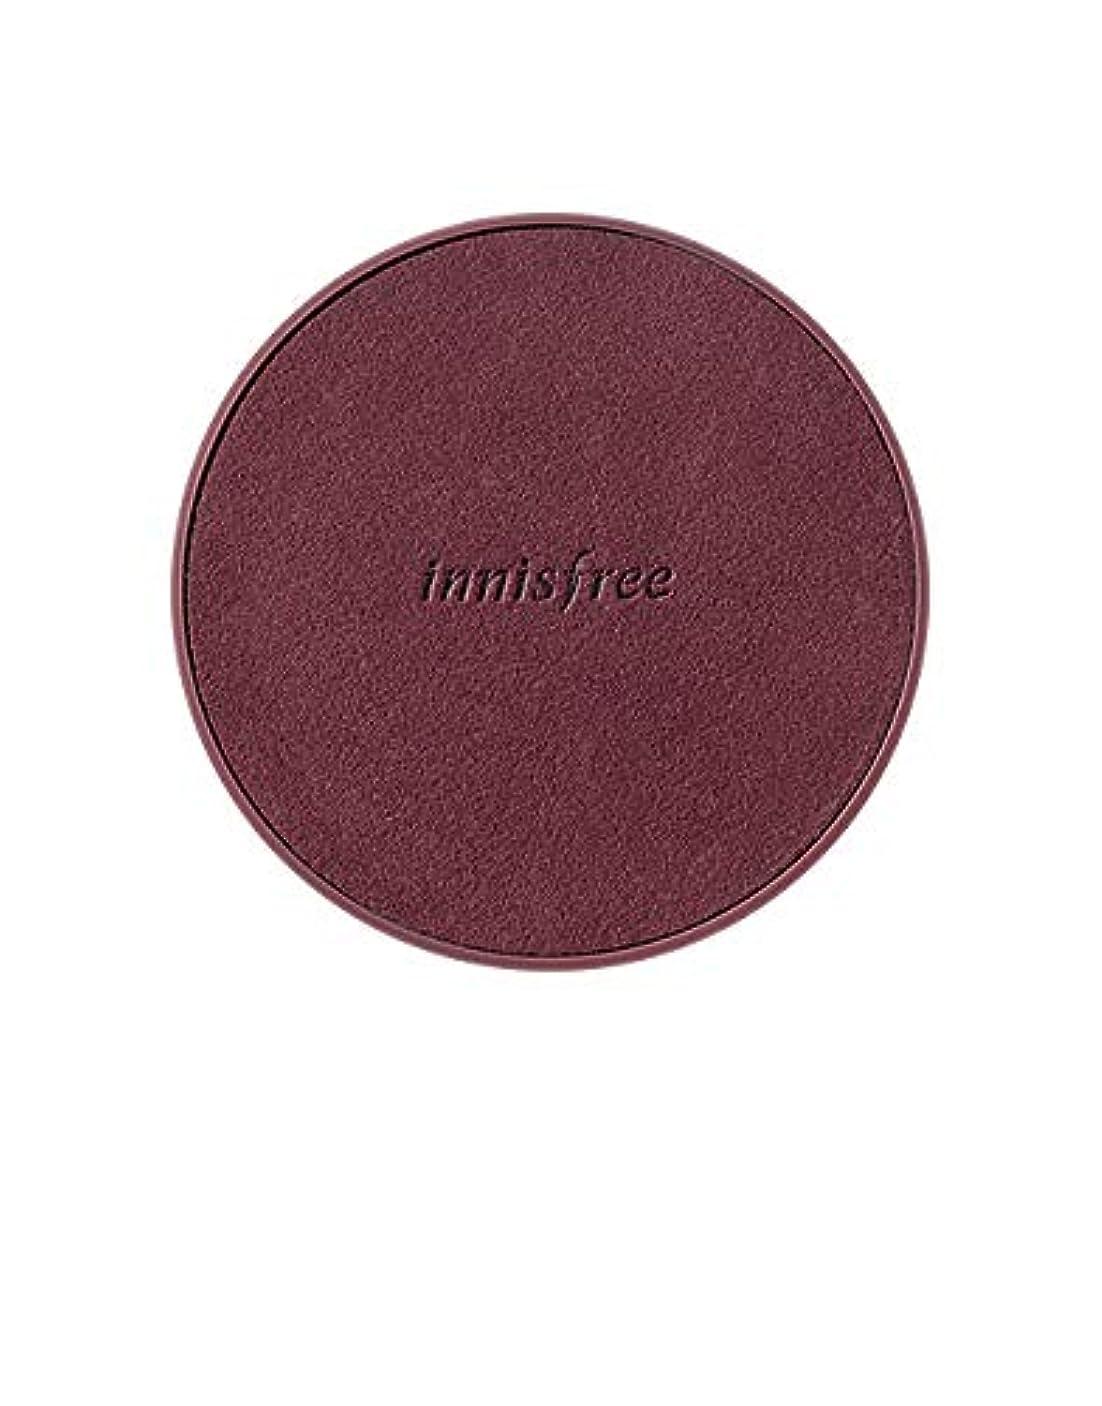 司教不足フラフープ[イニスフリー] innisfree [プレミアム クッション クッションケース-スエード 5種] Premium Cushion Case - Suede 5Types[海外直送品] (19. バーガンディー)